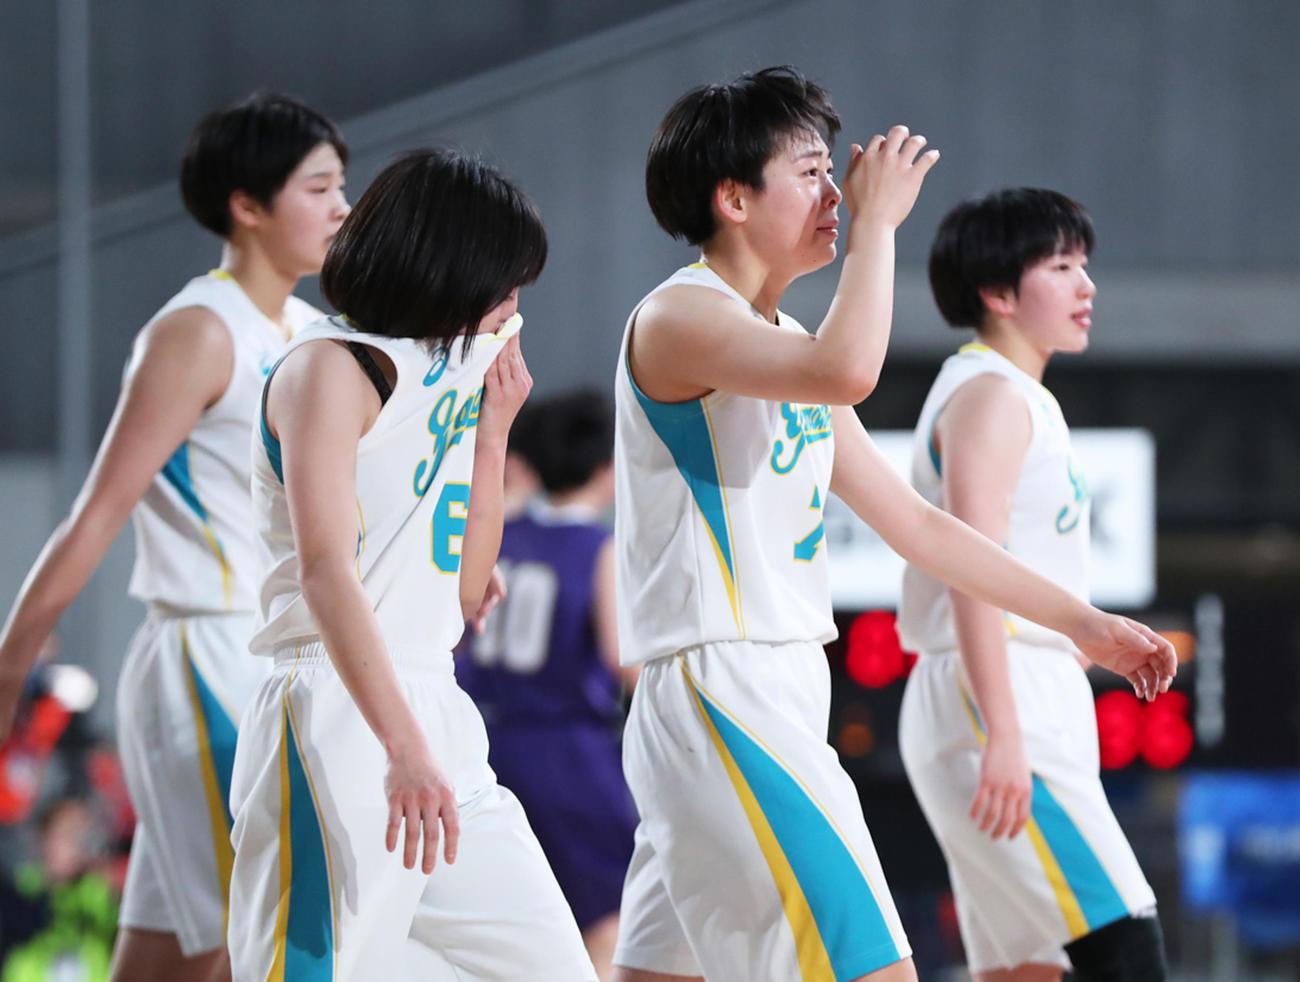 札幌山の手対東京成徳大高 準決勝で敗れ涙する札幌山の手の選手たち(C)JBA